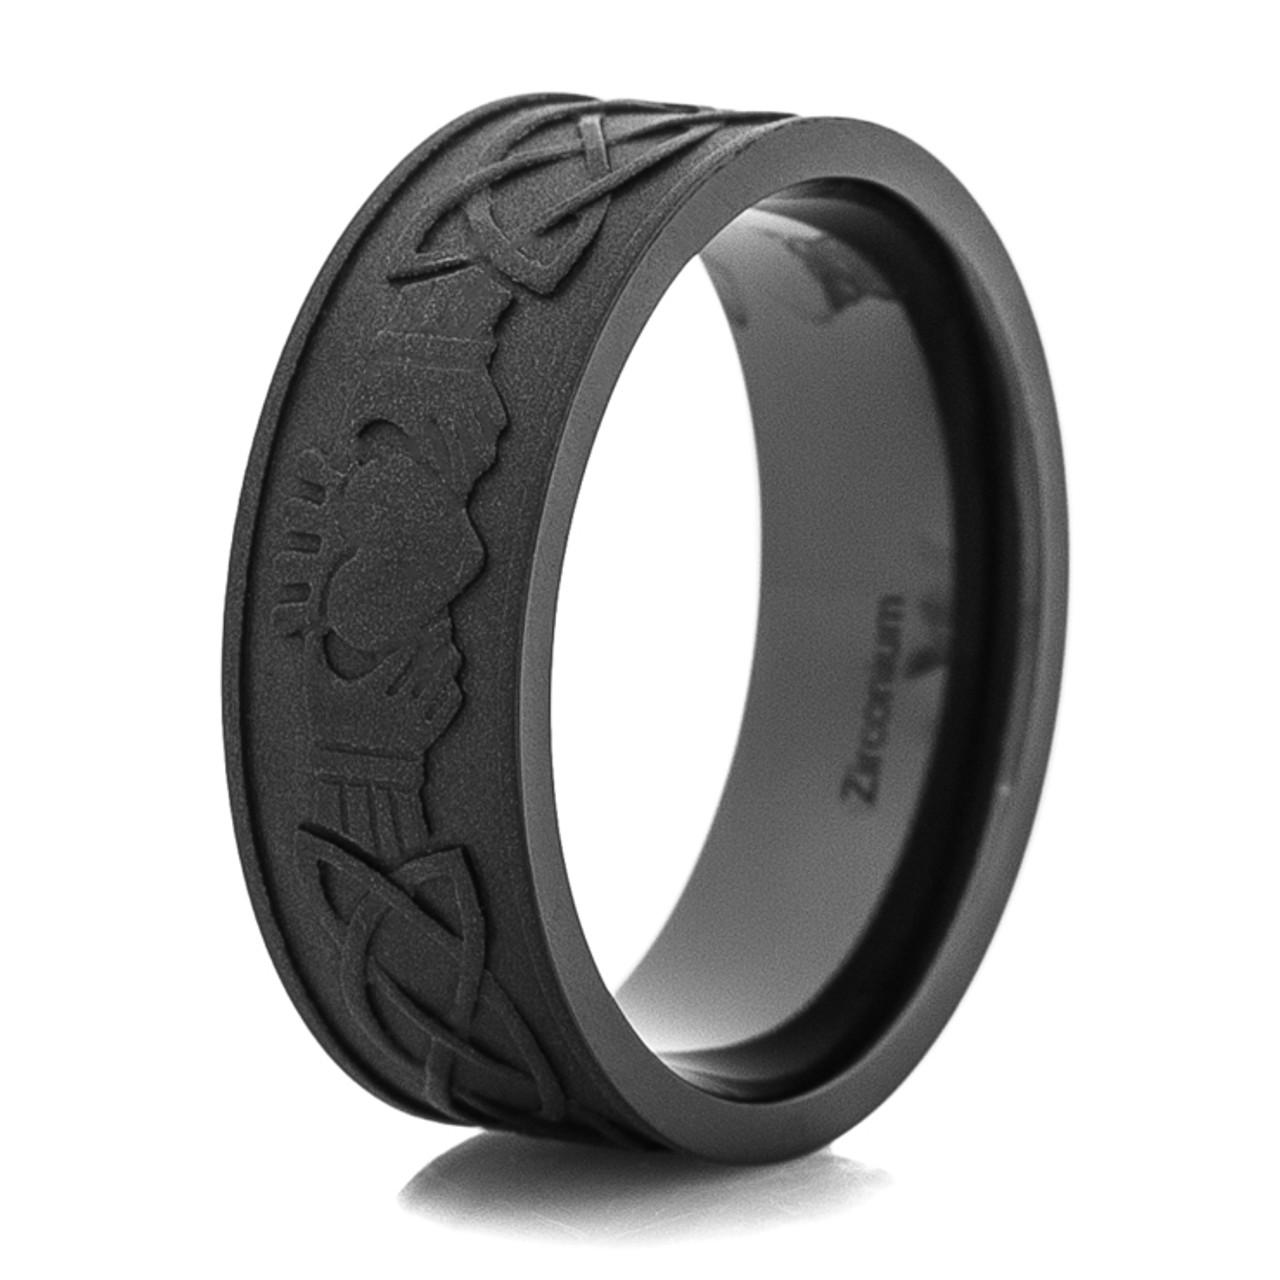 Matching Black Rings